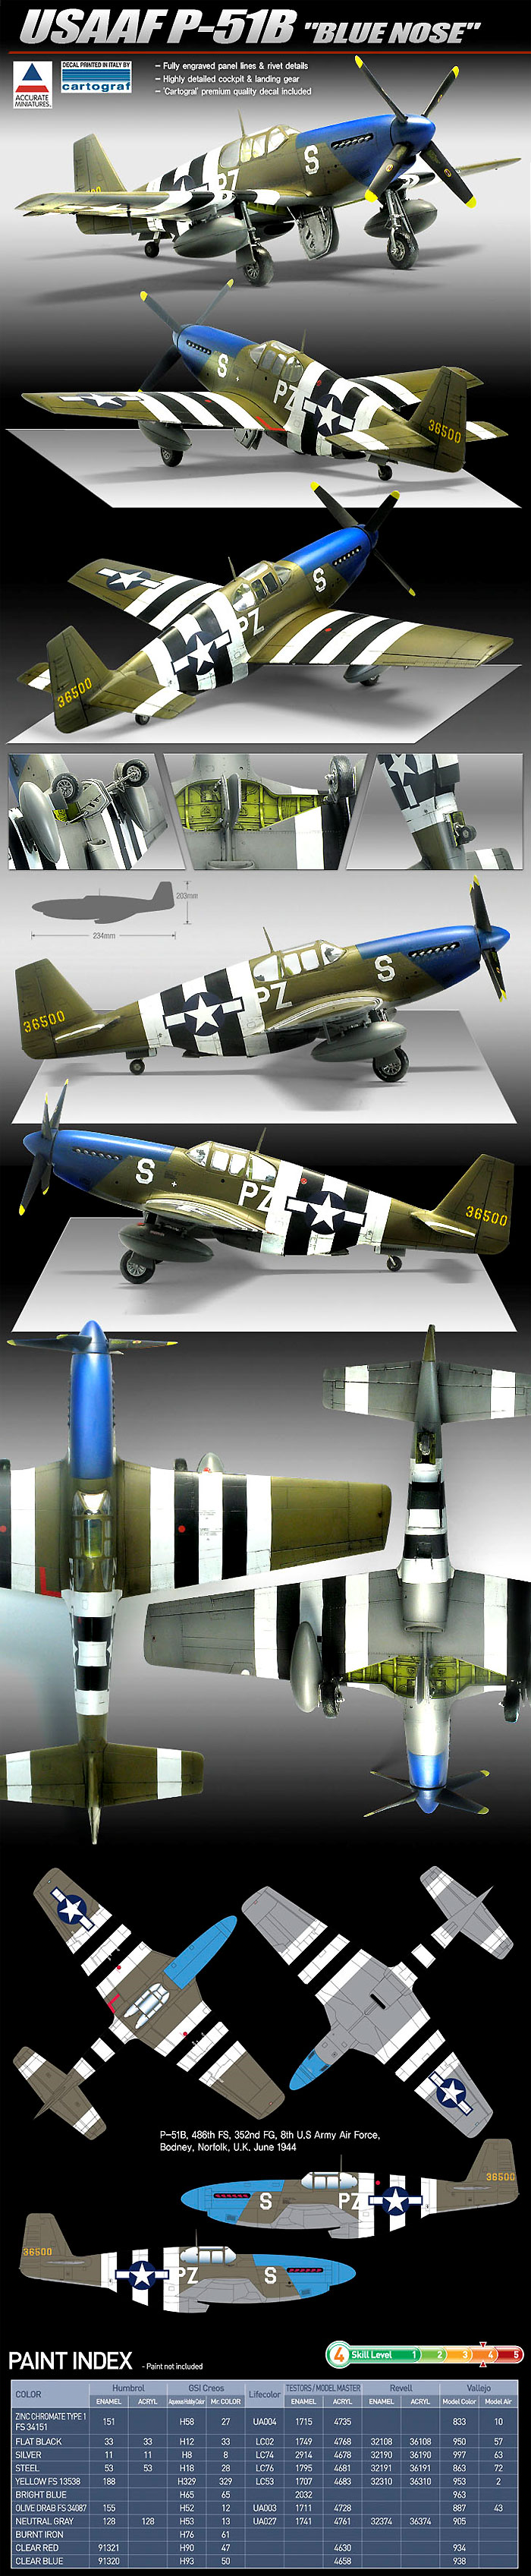 USAAF P-51B マスタング BLUE NOSEプラモデル(アカデミー1/48 Scale AircraftsNo.12303)商品画像_2